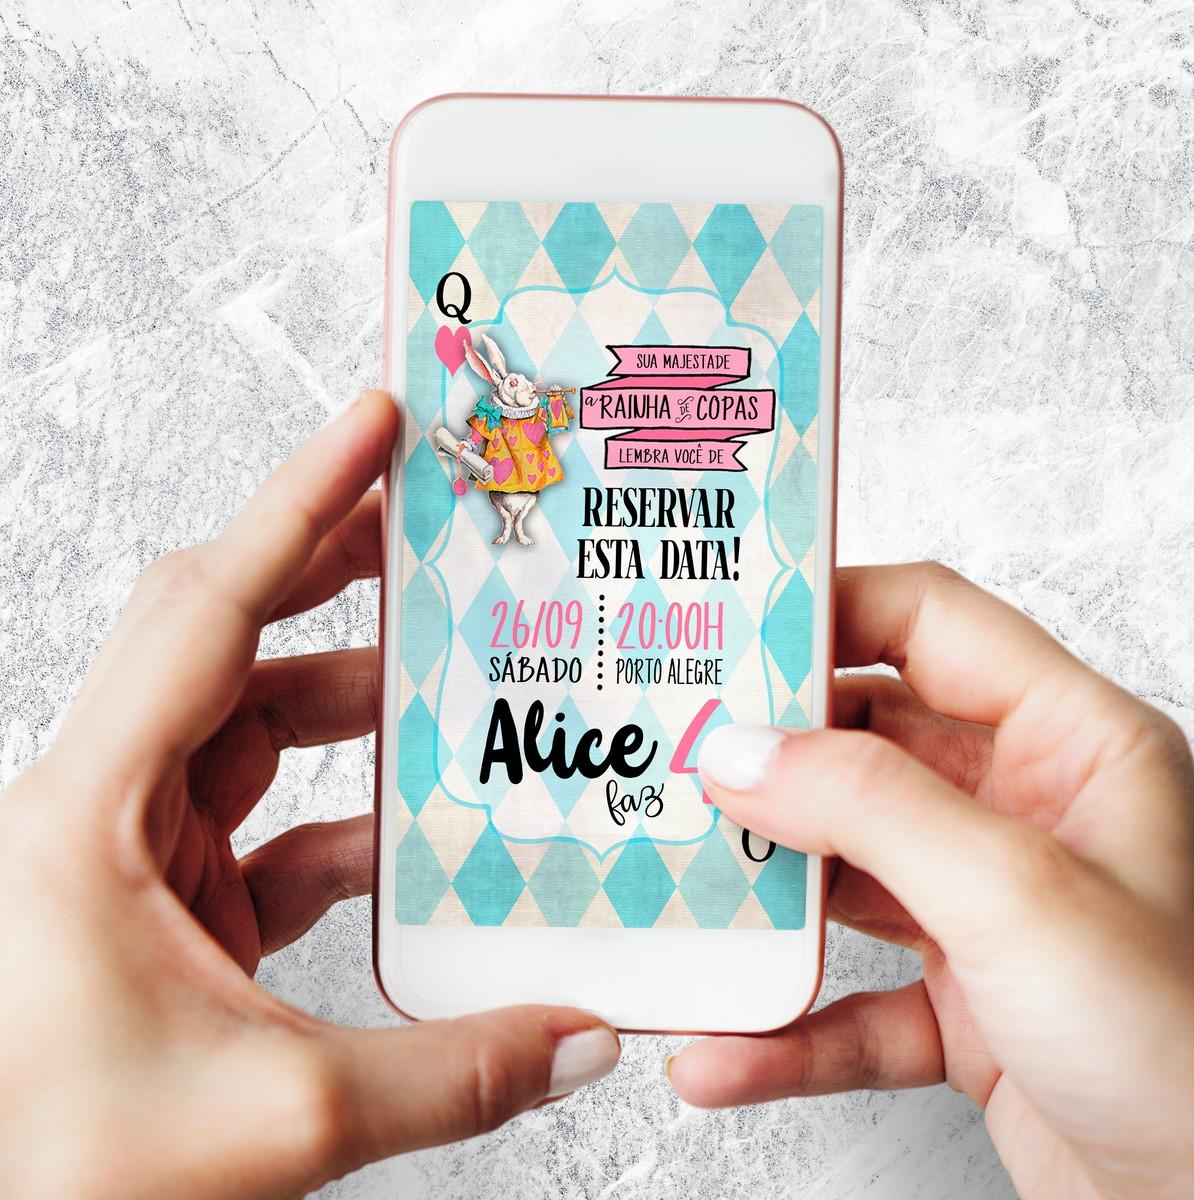 Alice Nos Pais Das Maravilhas Filme Online [arte digital] - save the date alice no país das maravilhas